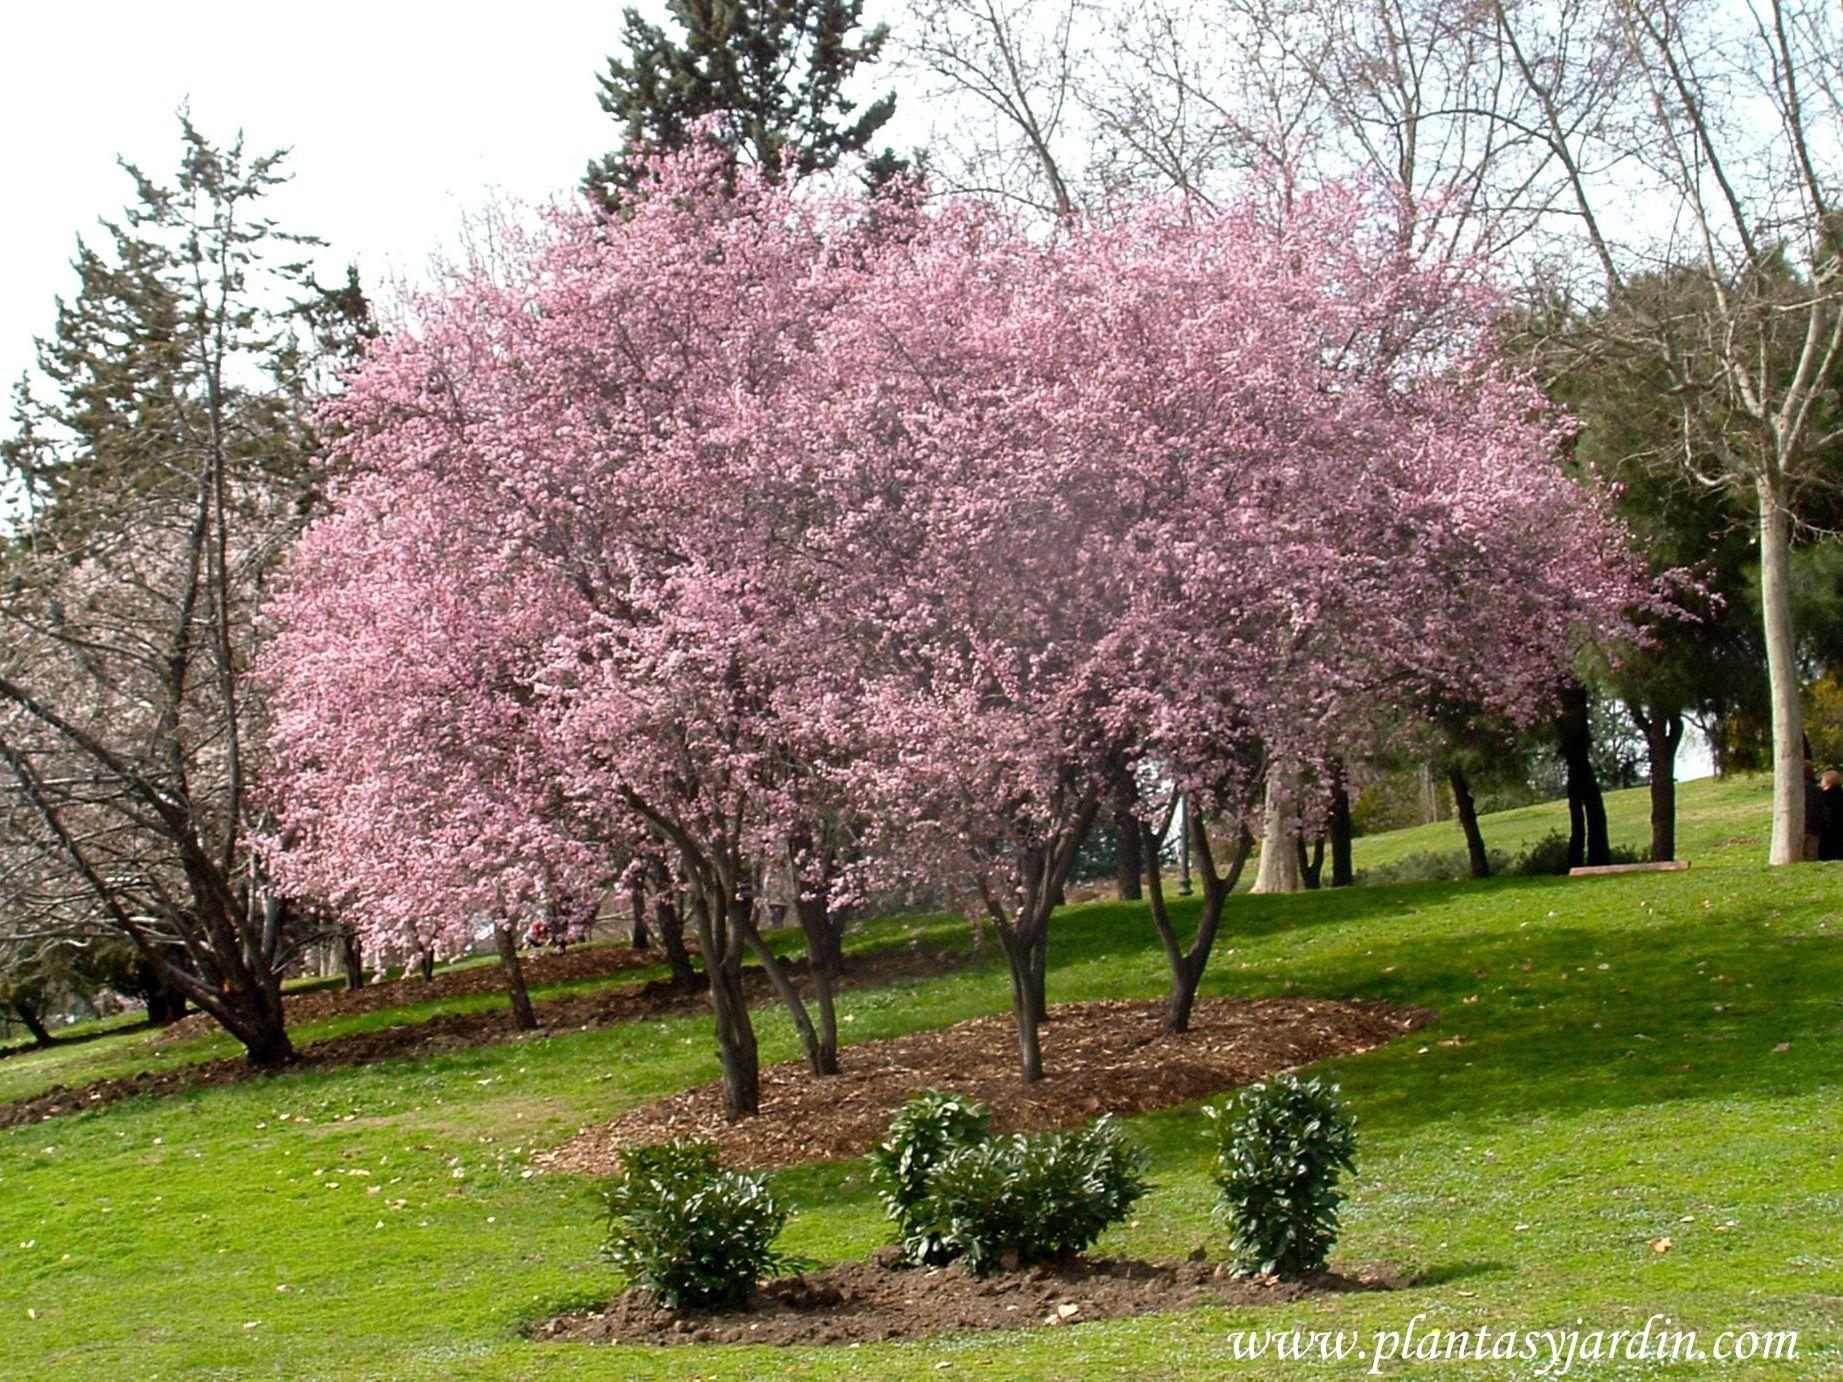 Prunus cerasifera reci n florecidos a finales del for Arboles para jardin